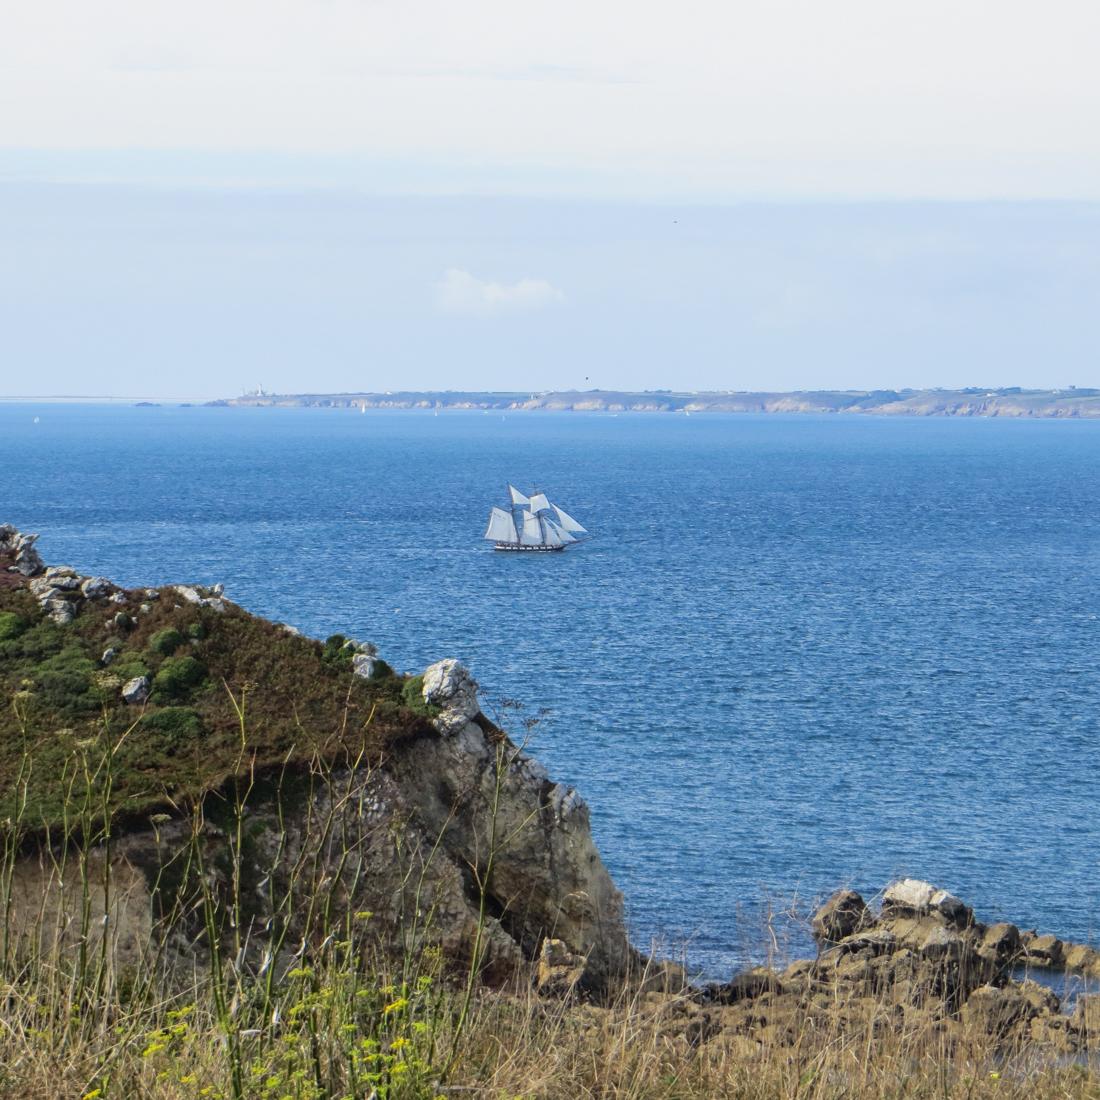 The Rade de Brest